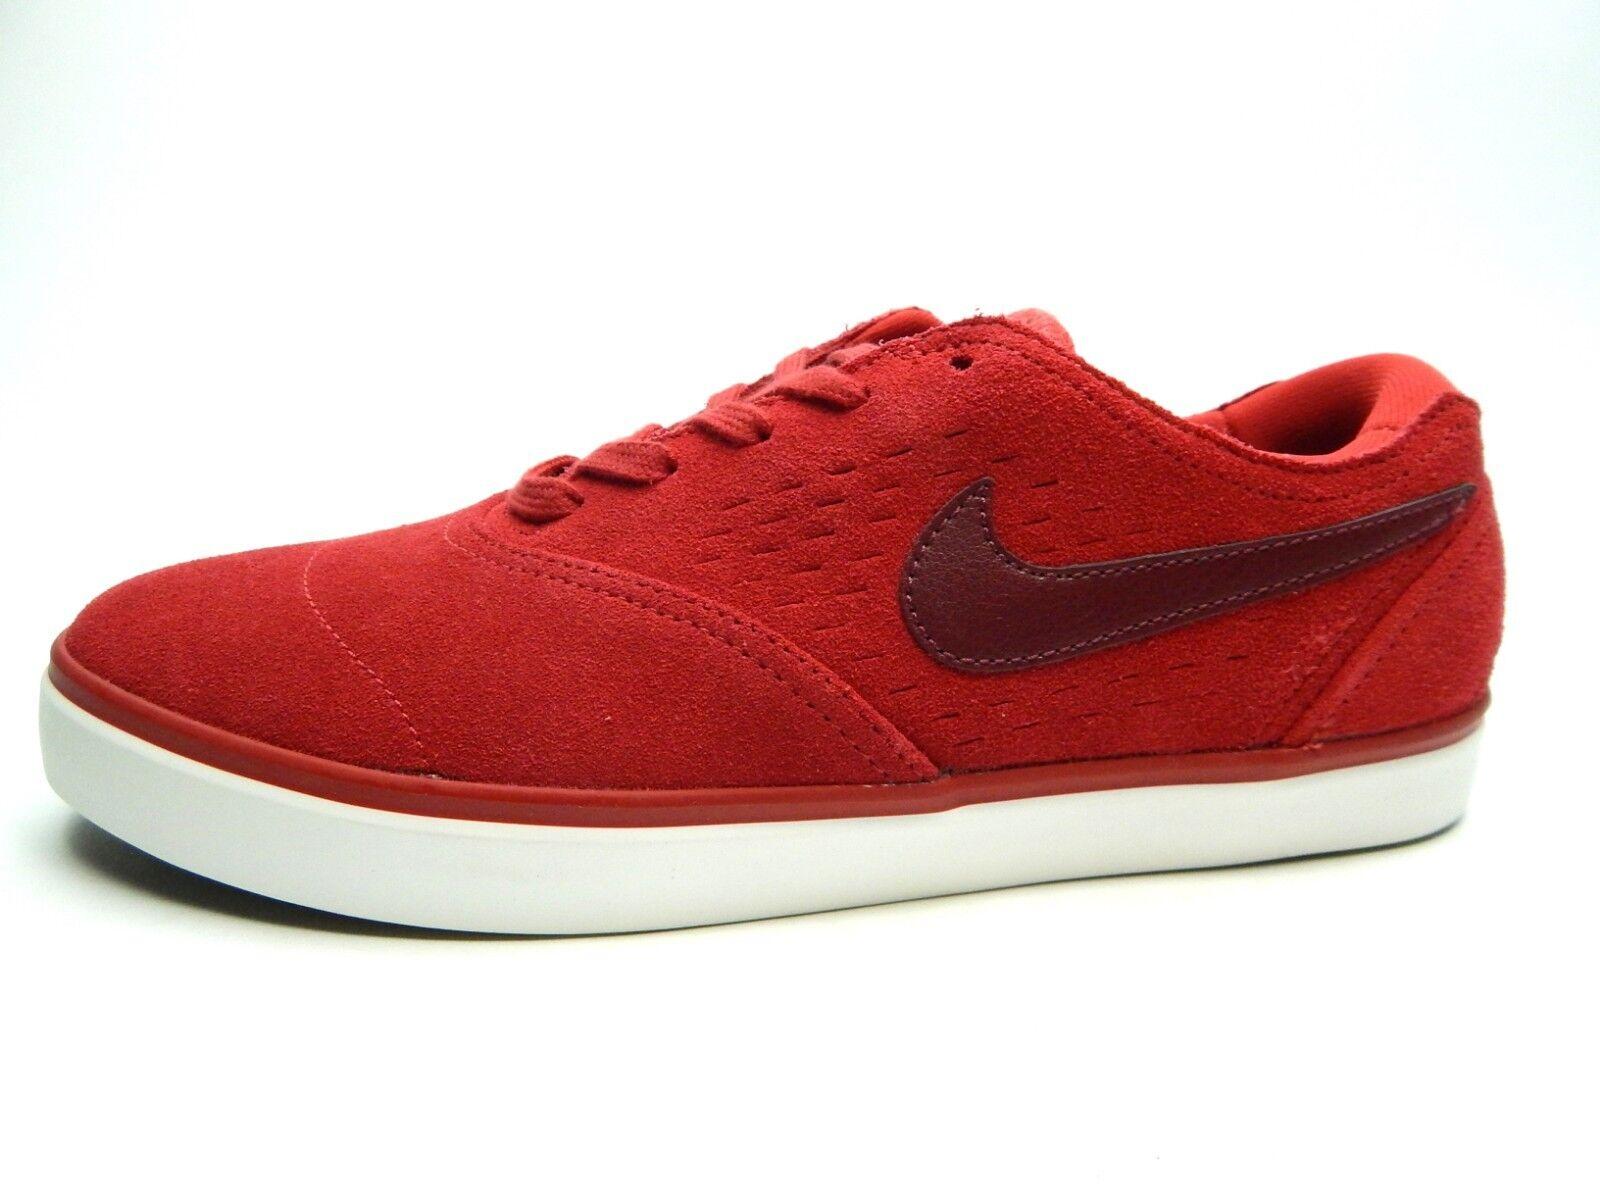 Nike männer - zoom erick koston 2 lr studio ROT - gipfel weiß 641868 661 männer größe 8,5